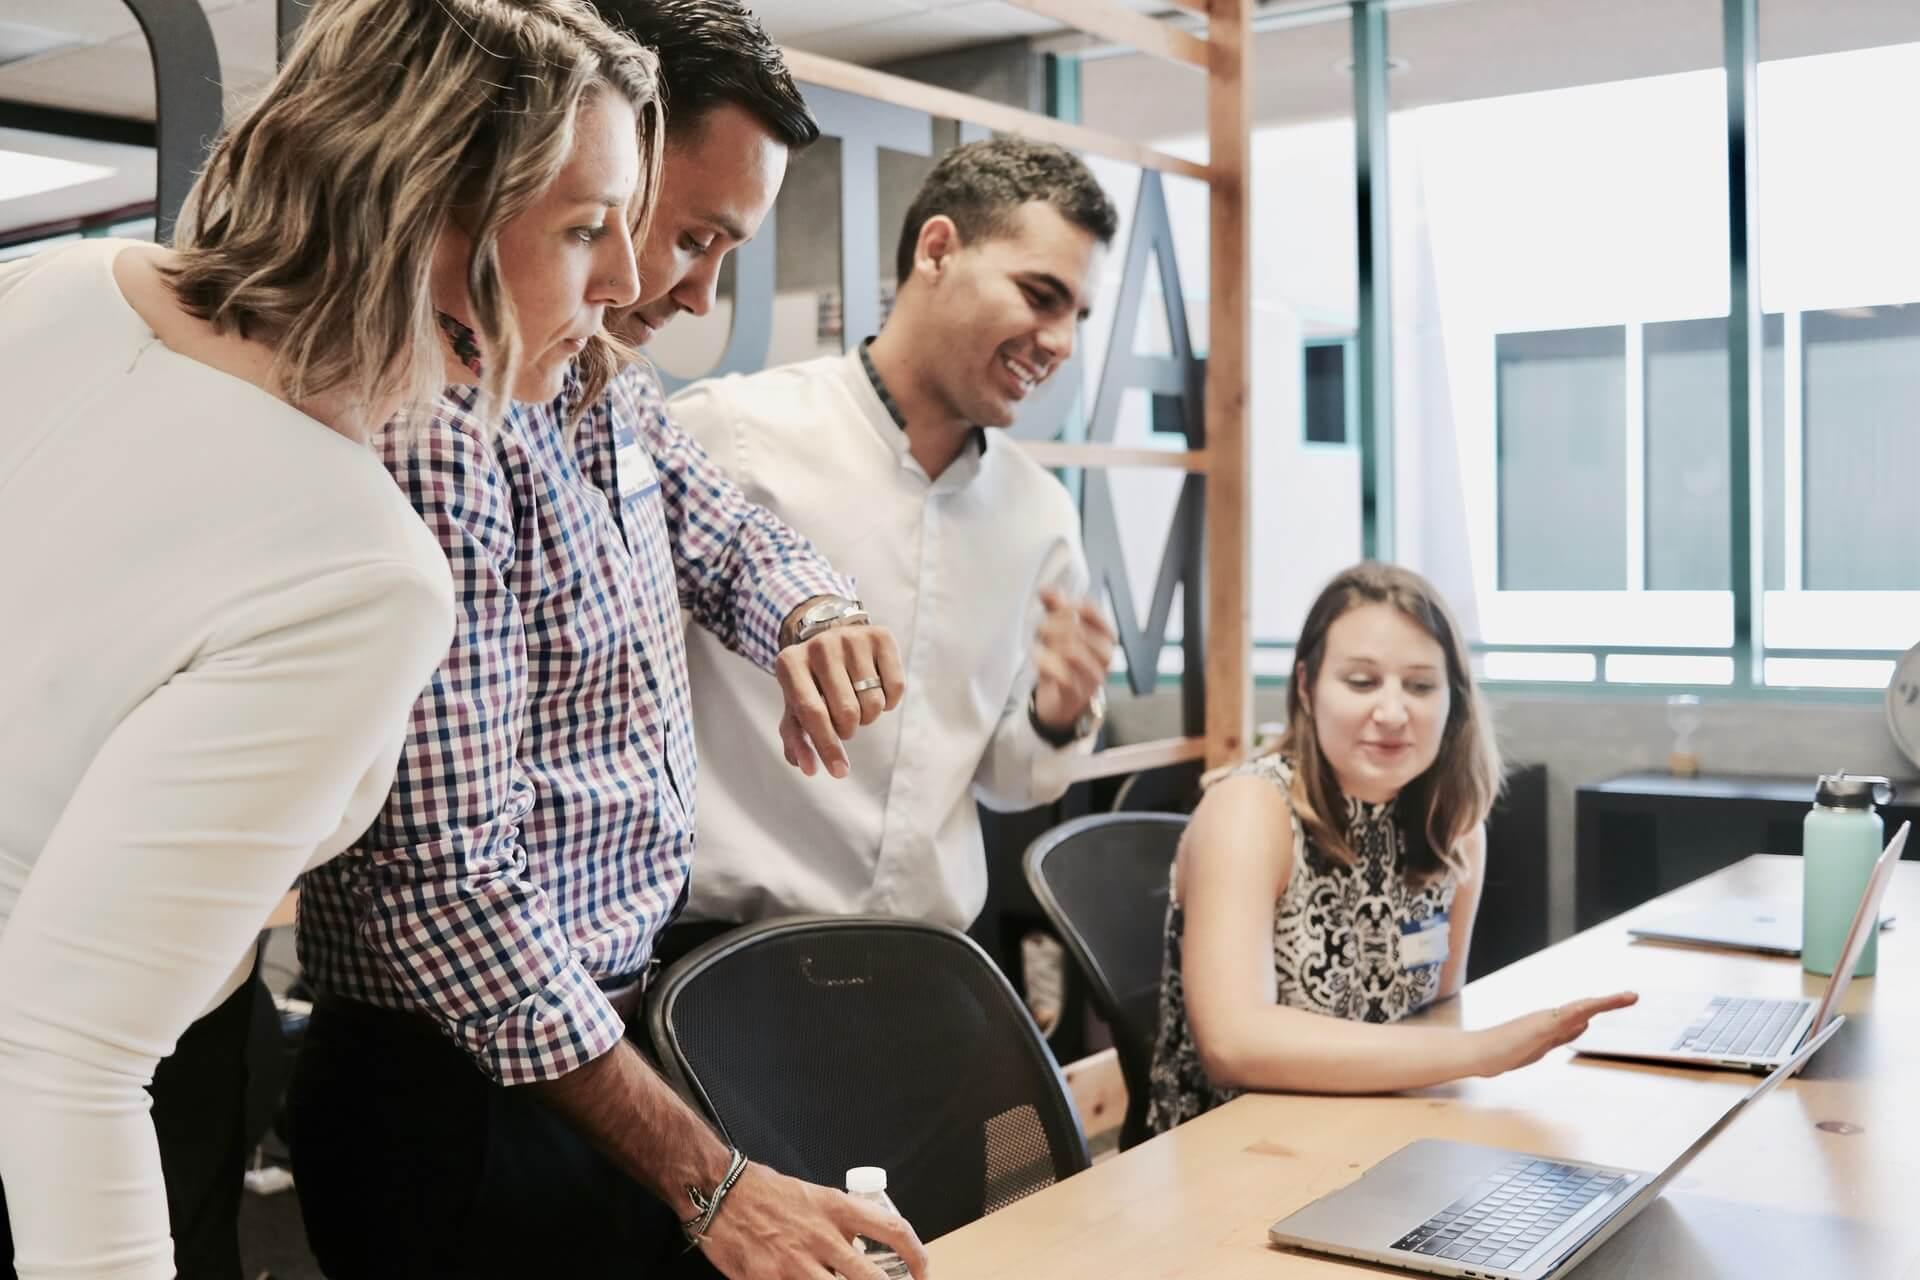 オフィスデザインはスタッフの満足度とパフォーマンスに効果を与える